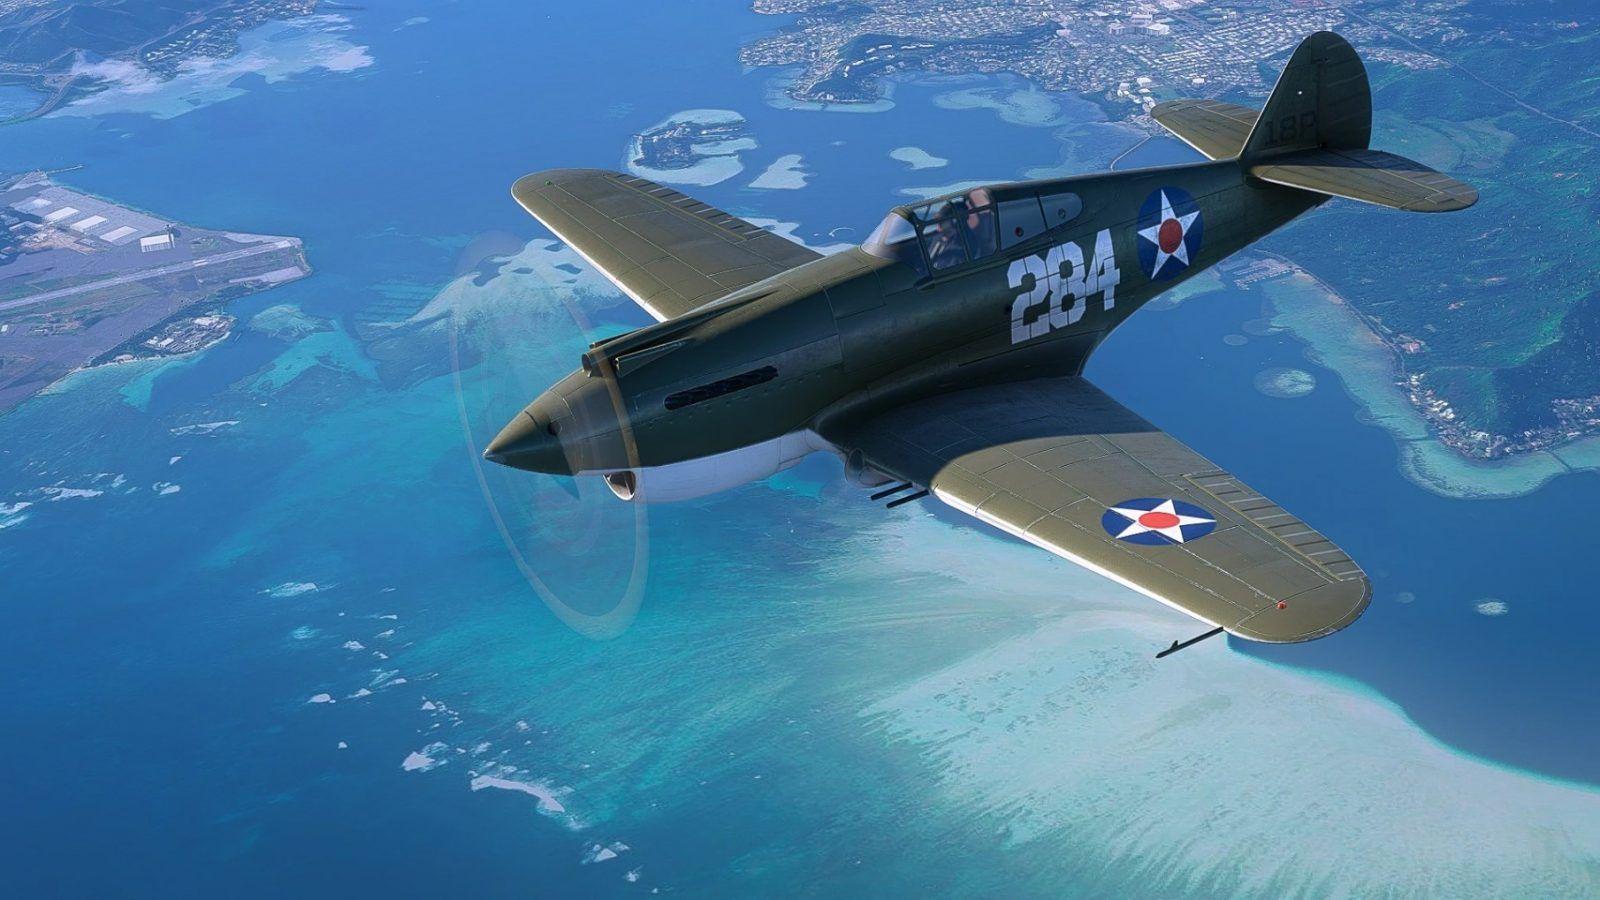 MSFS Curtiss P-40B Tomahawk